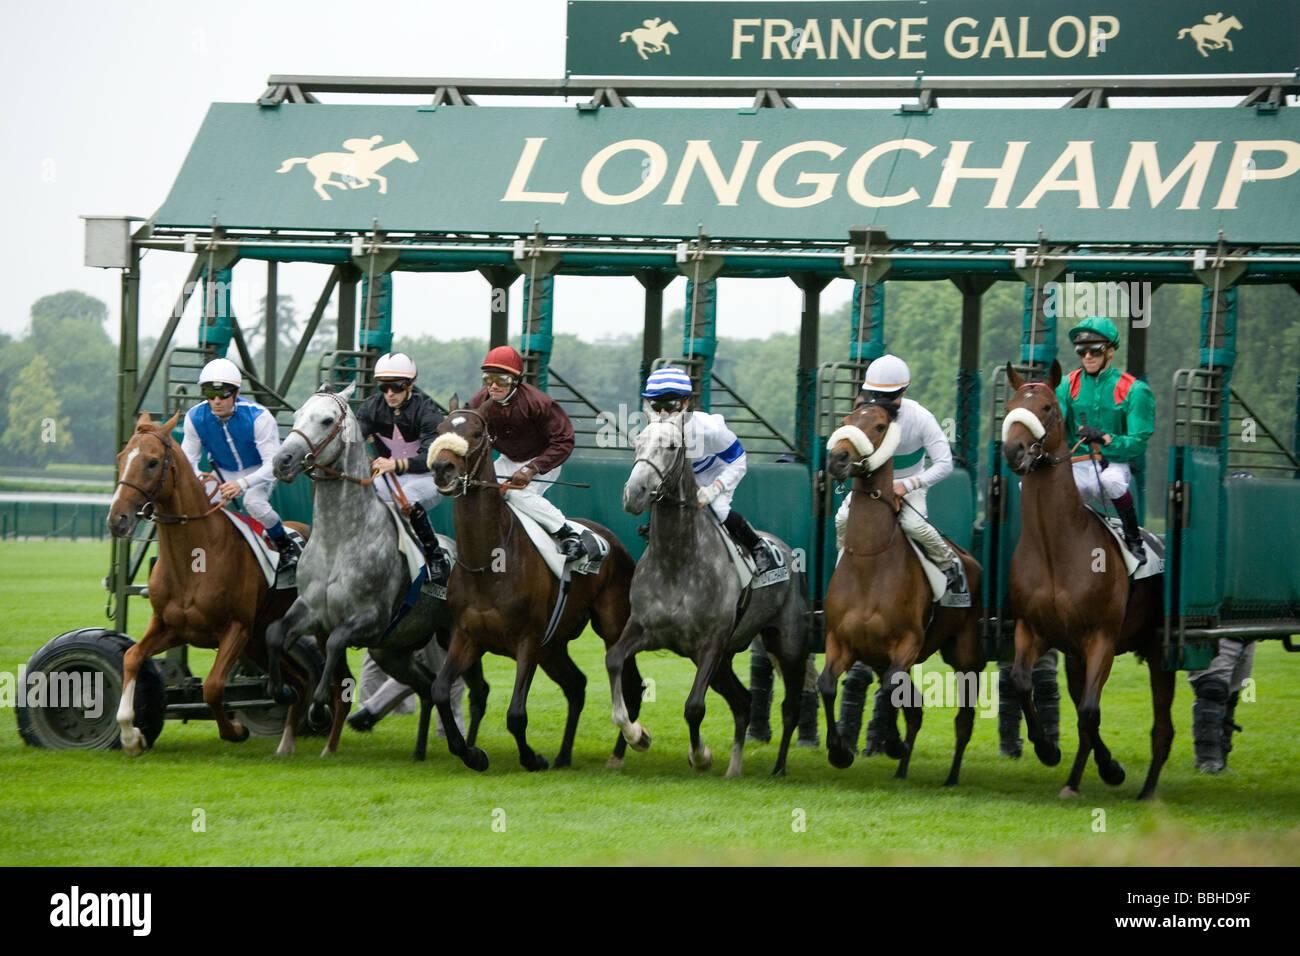 Inicio de una carrera en el hipódromo de Longchamp un domingo a la tarde en París Francia Imagen De Stock